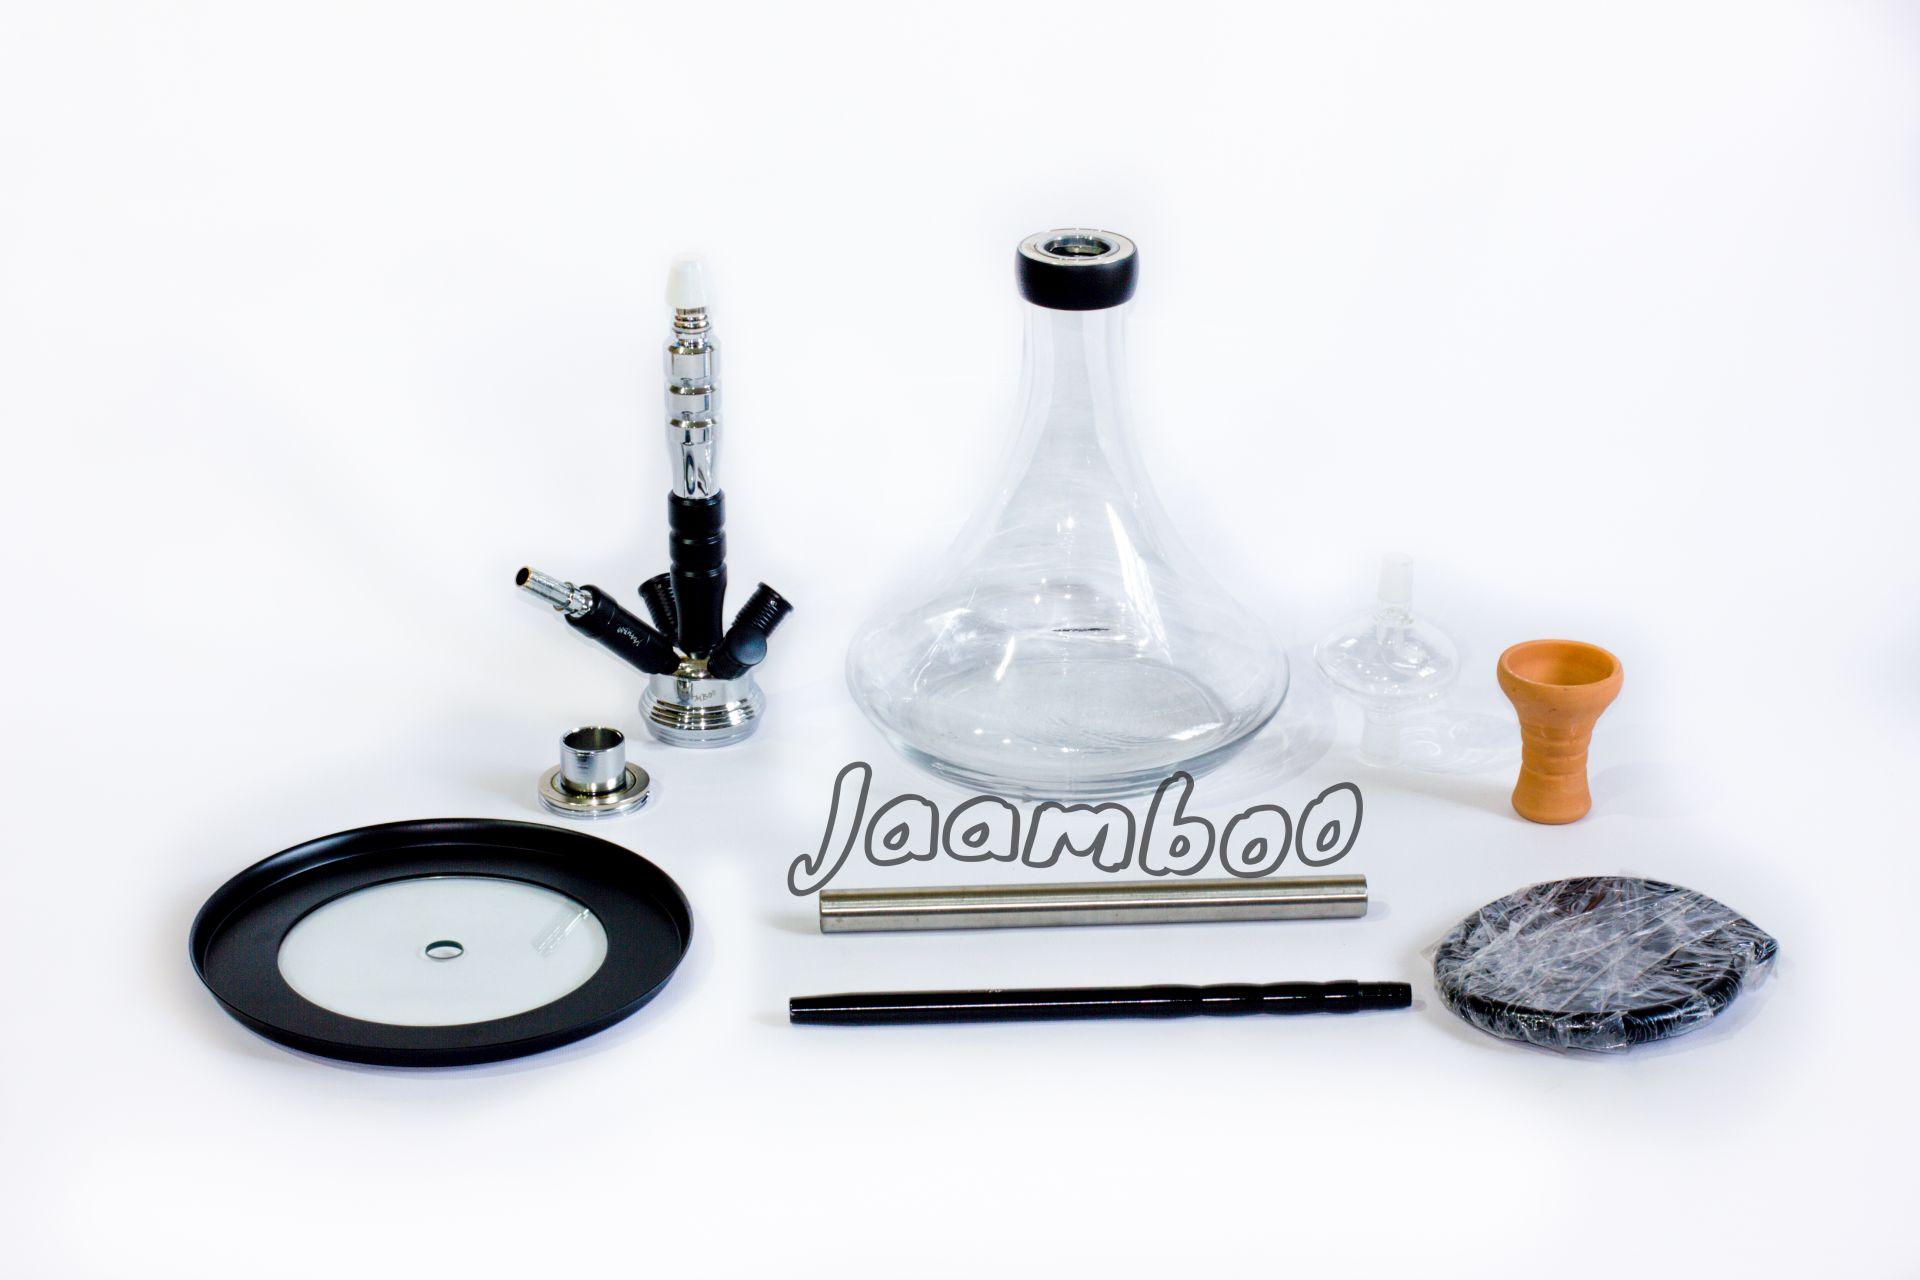 SHISHA JAAMBOO MAGNITIC 62-ZB 2